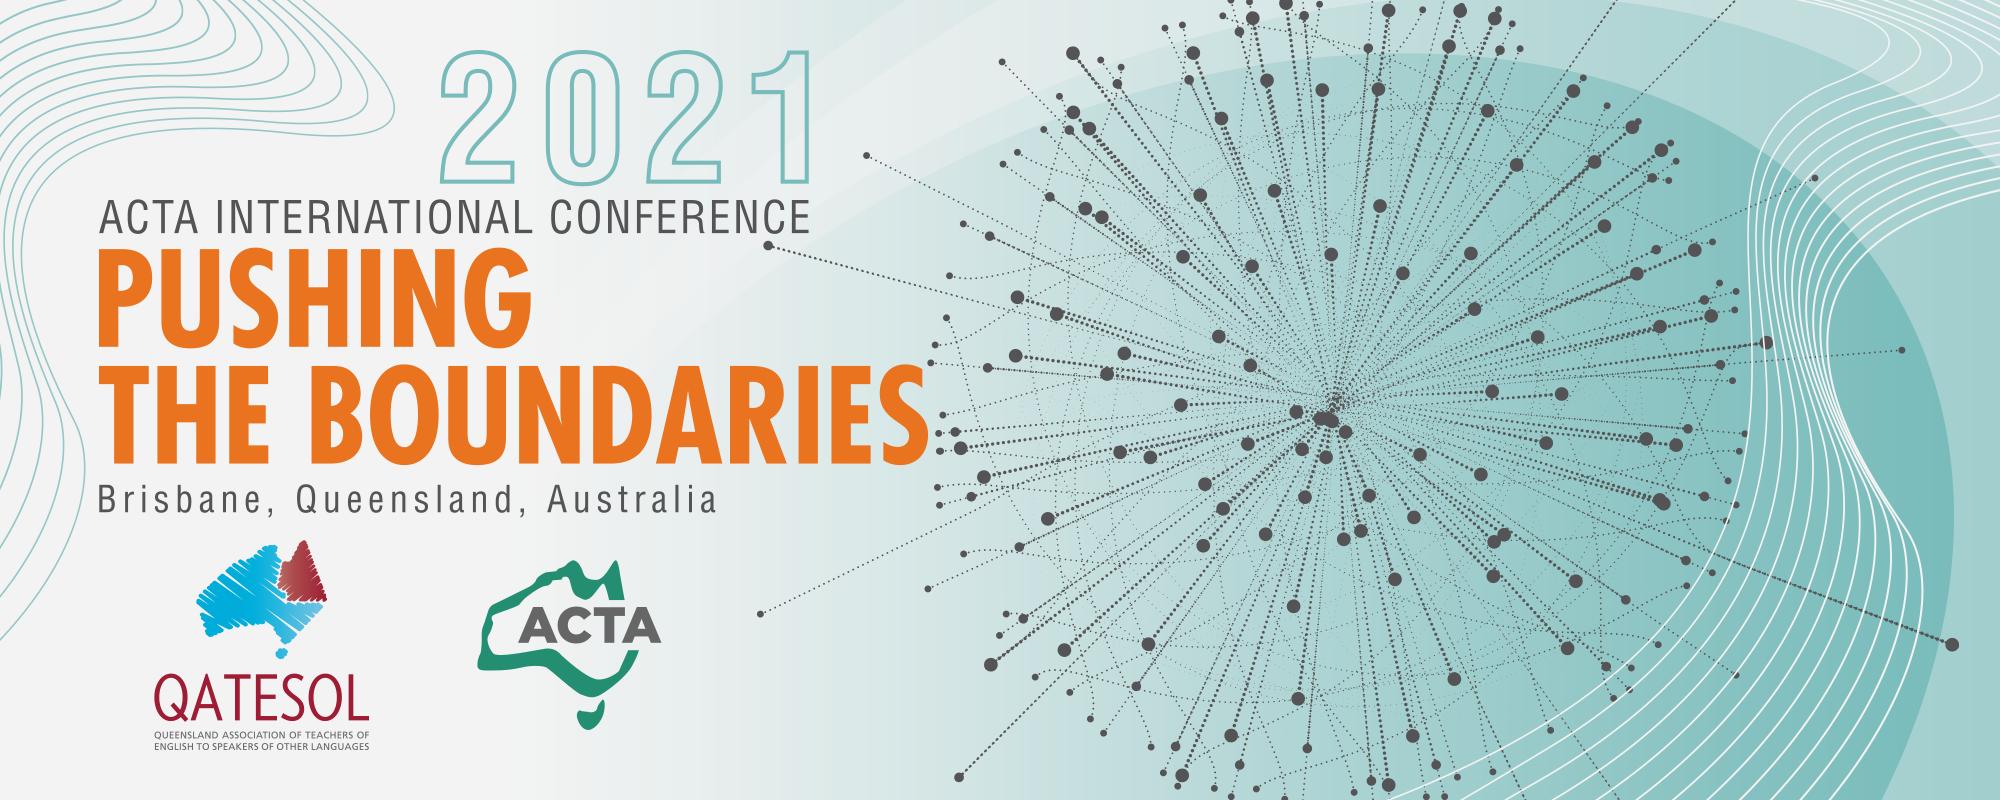 Conference Program – ACTA International Conference 28-30 September 2021